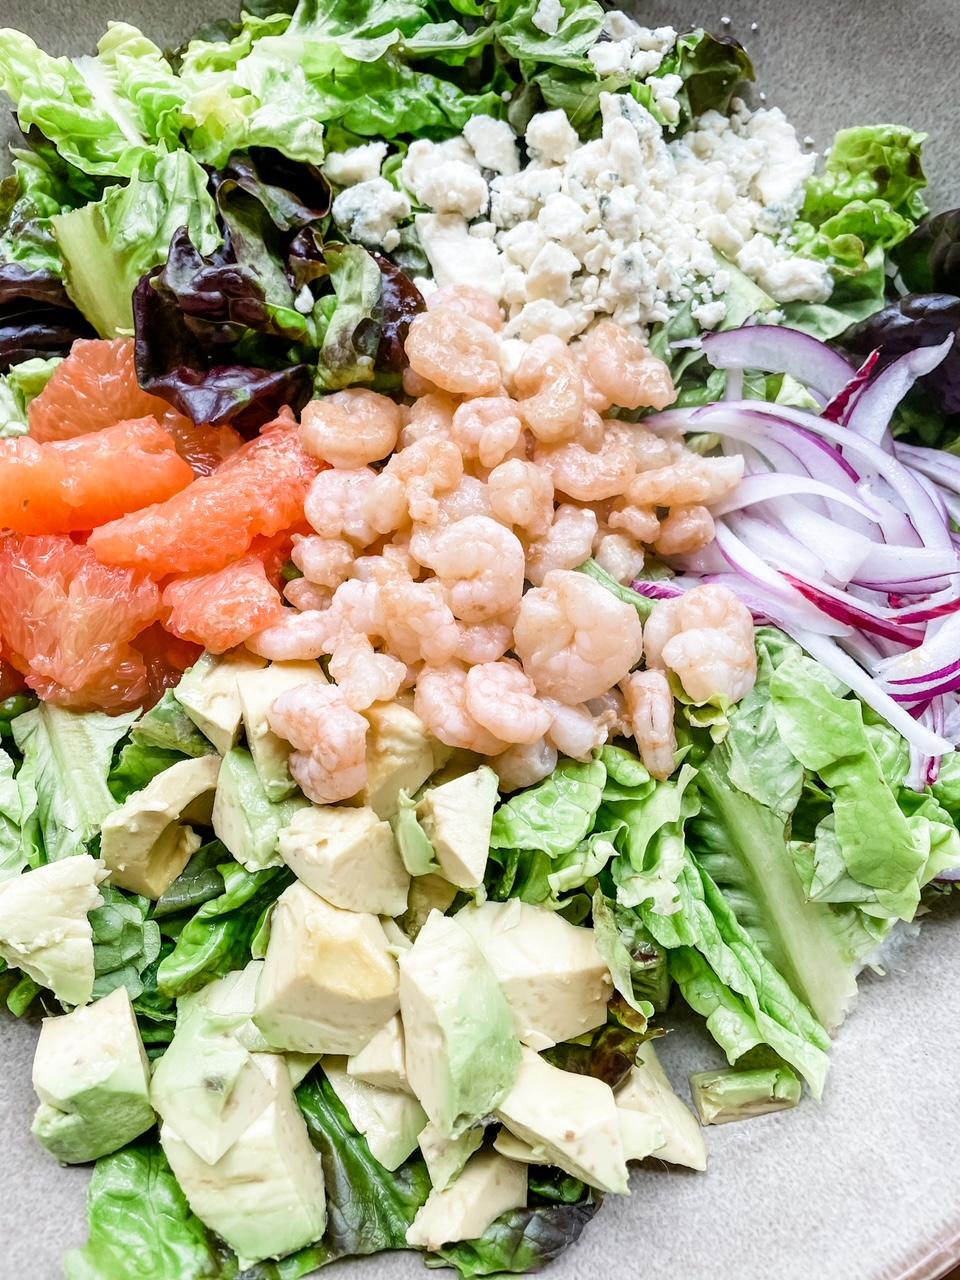 The finished Grapefruit and Gorgonzola Salad with Shrimp